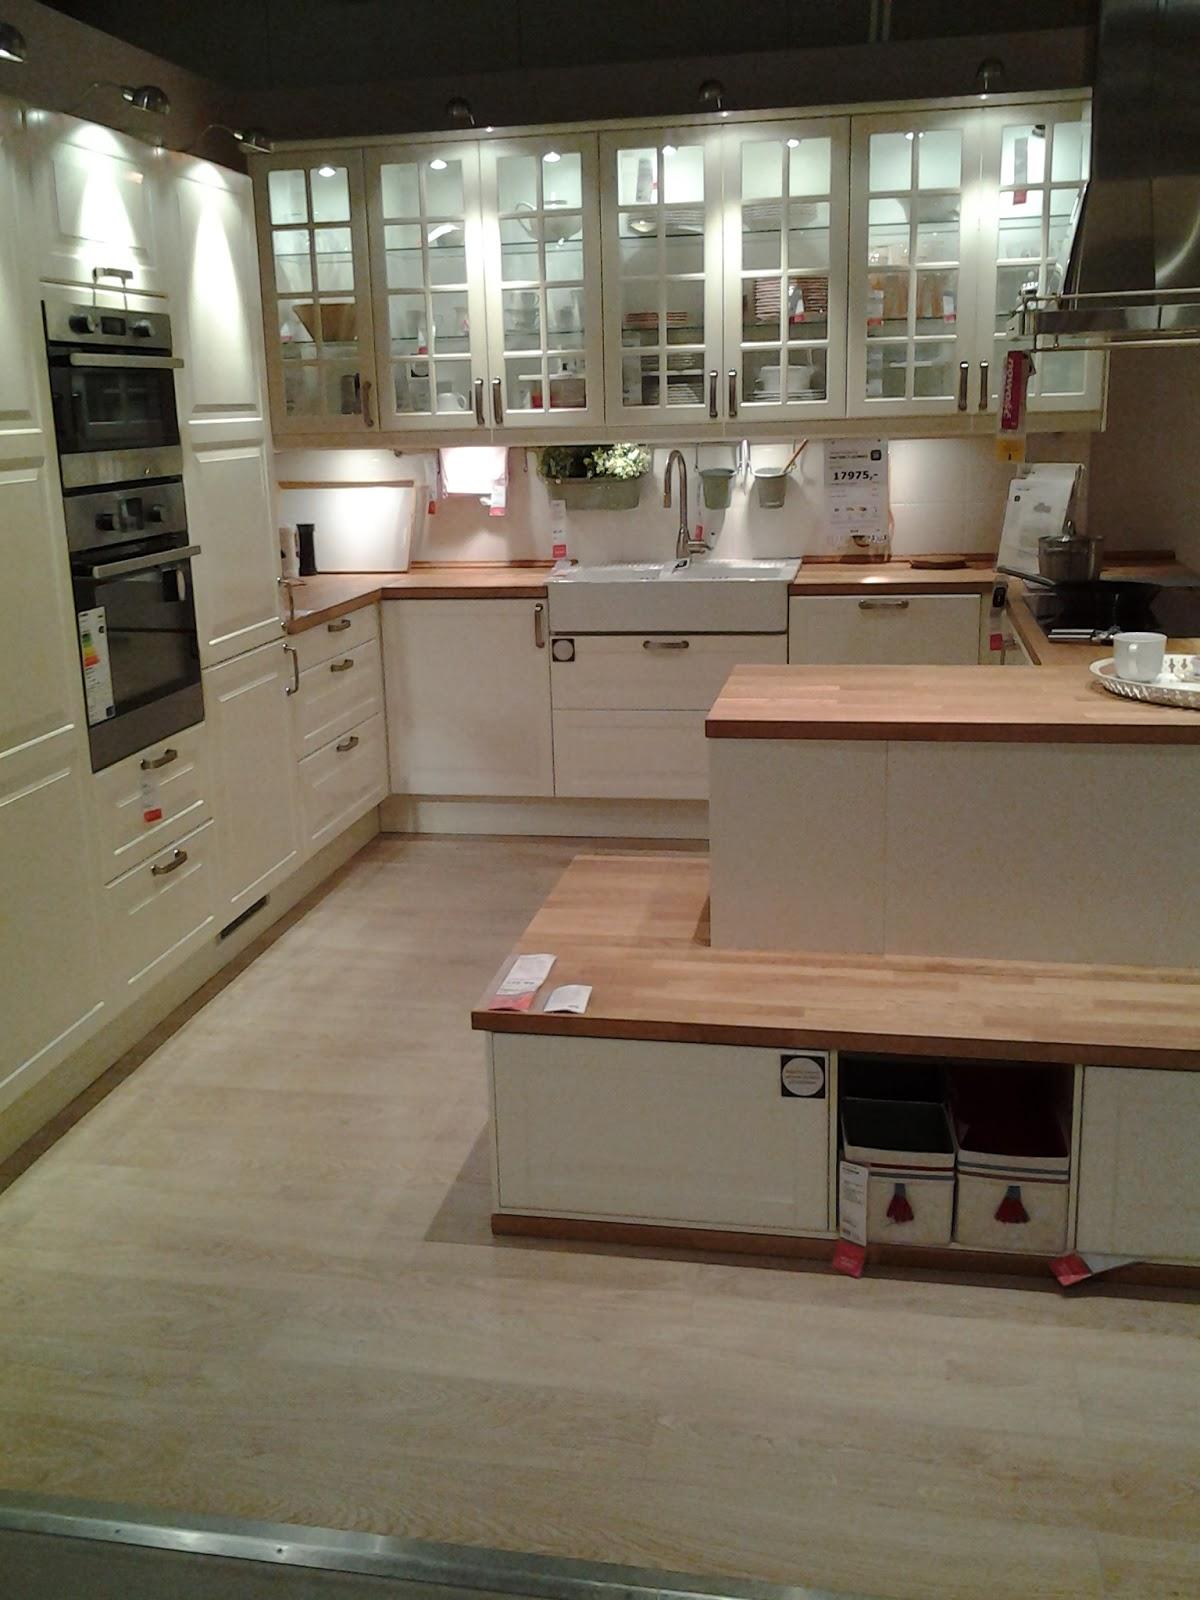 IKEA Wrocław, czyli domowe inspiracje od Szweda I od Agaty też ) -> Inspiracje Domowe Kuchnia